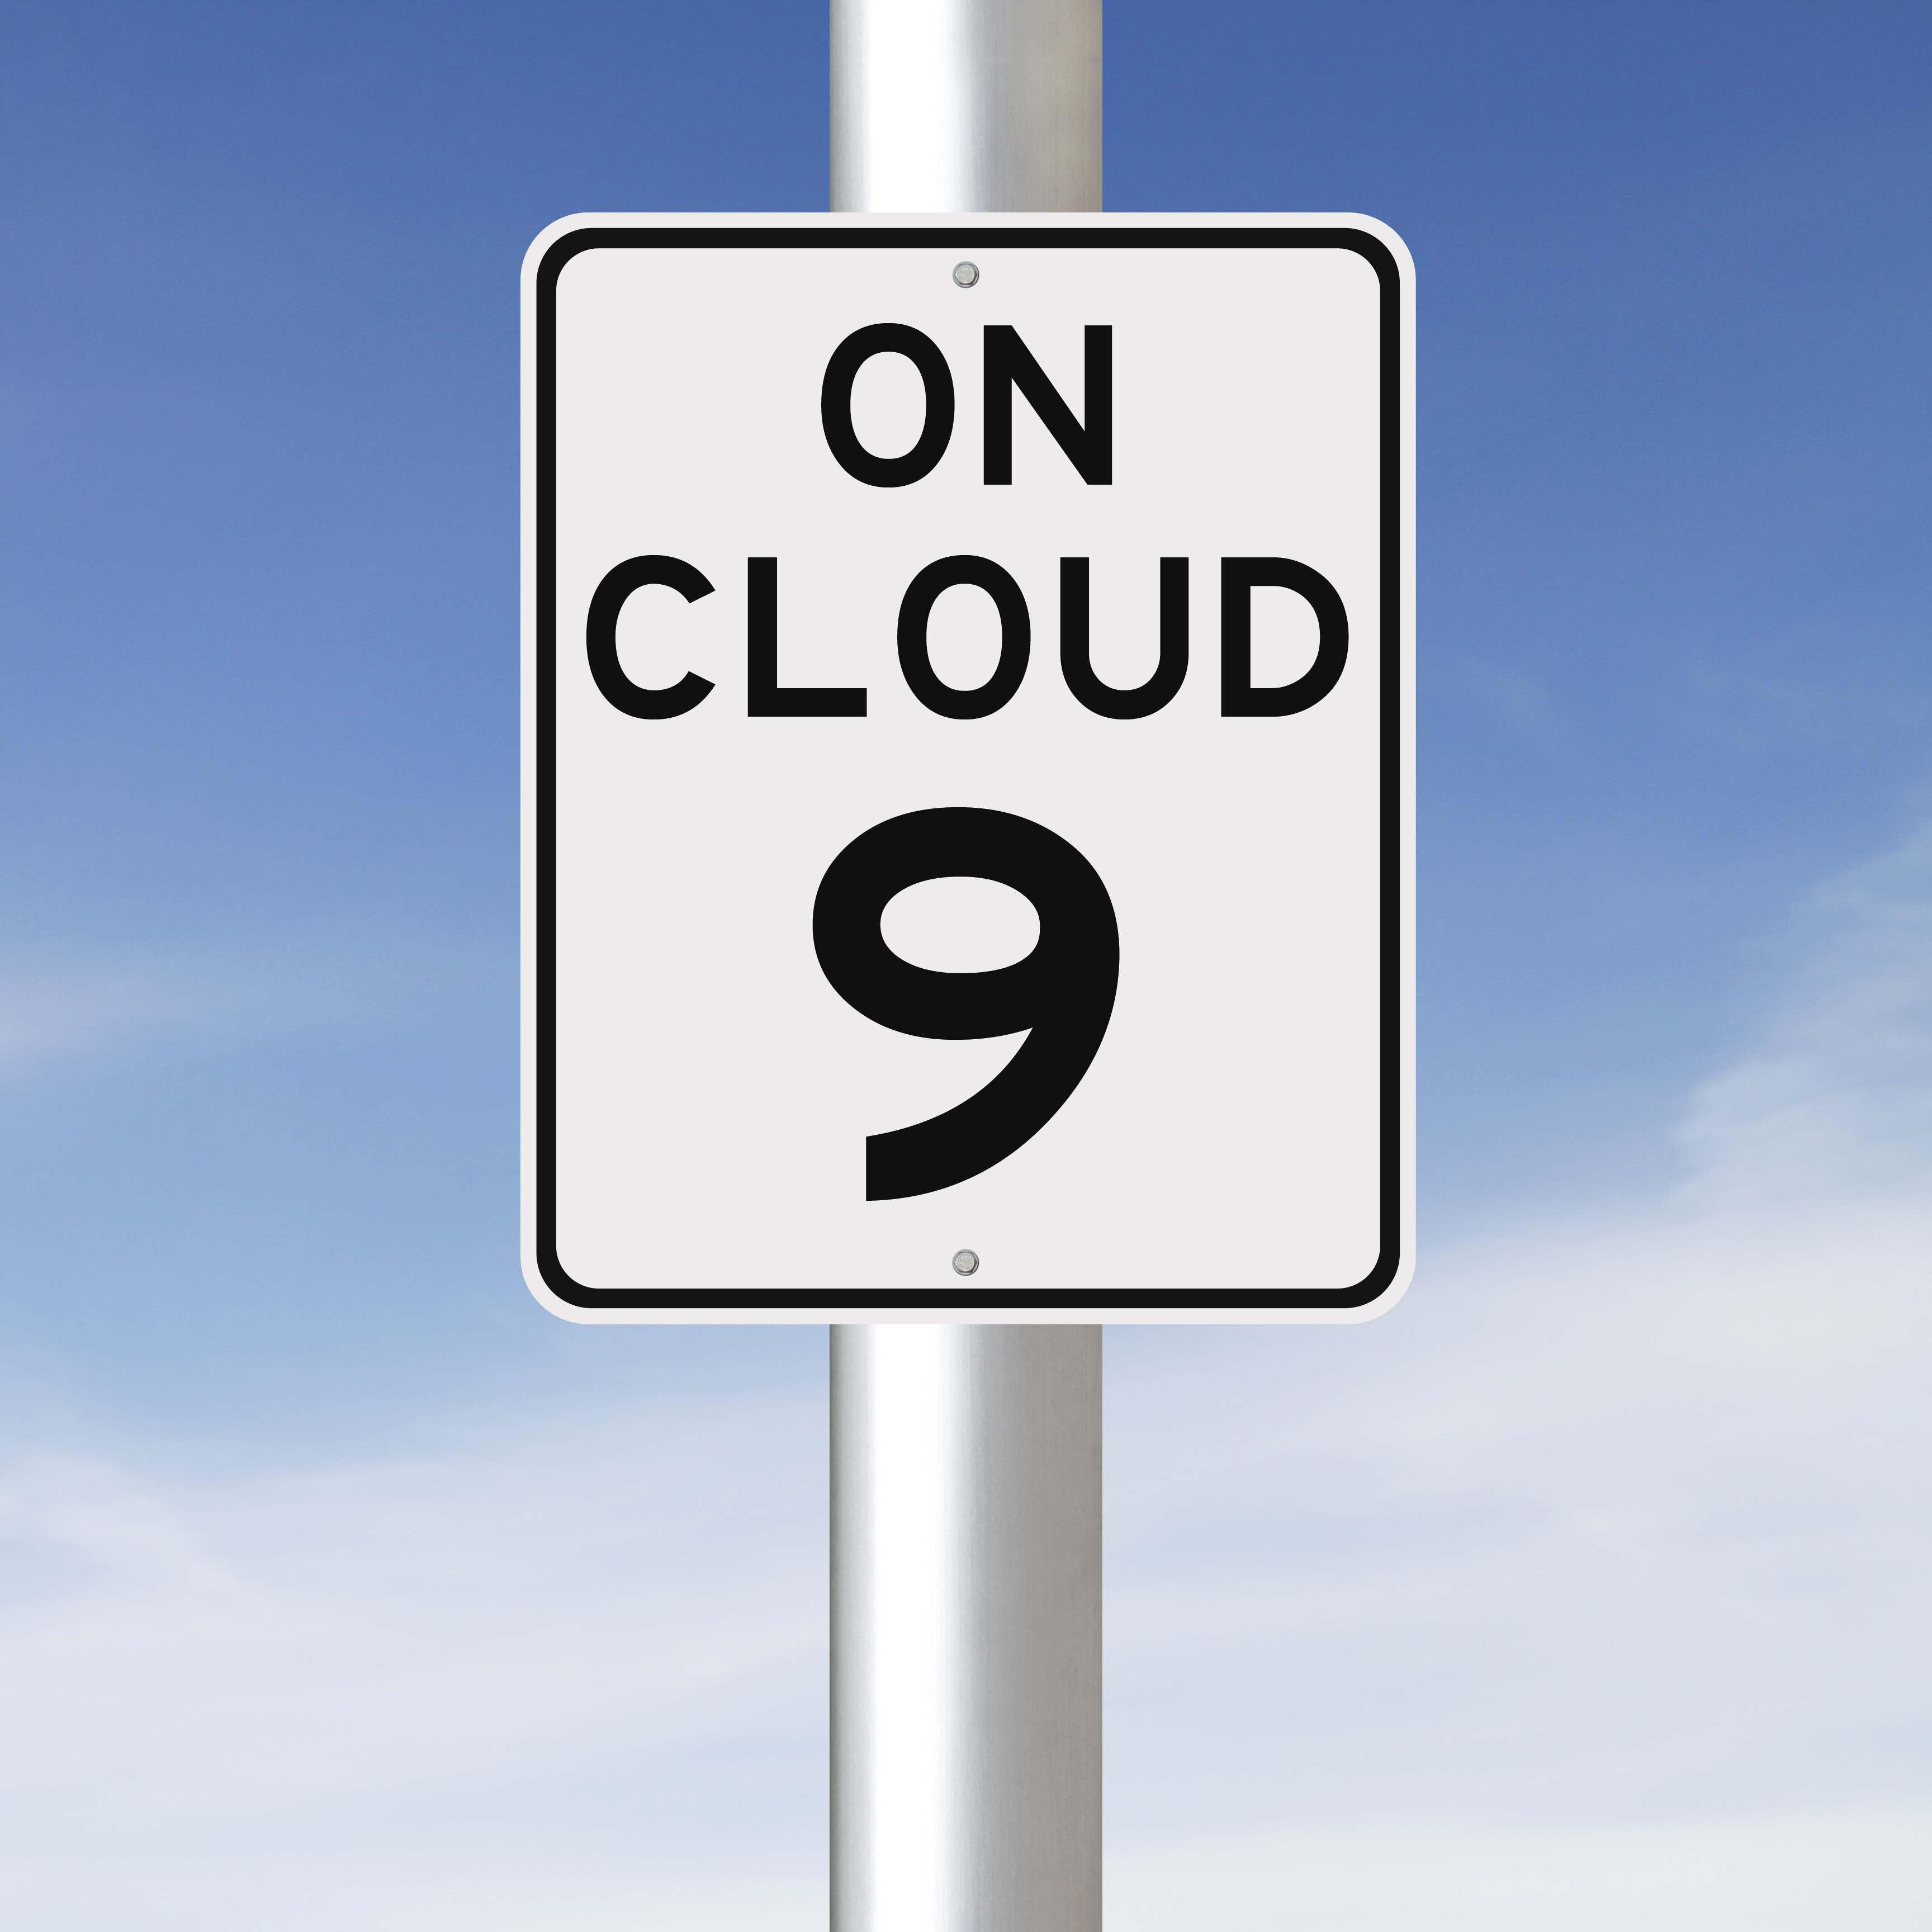 cloud 9.jpg